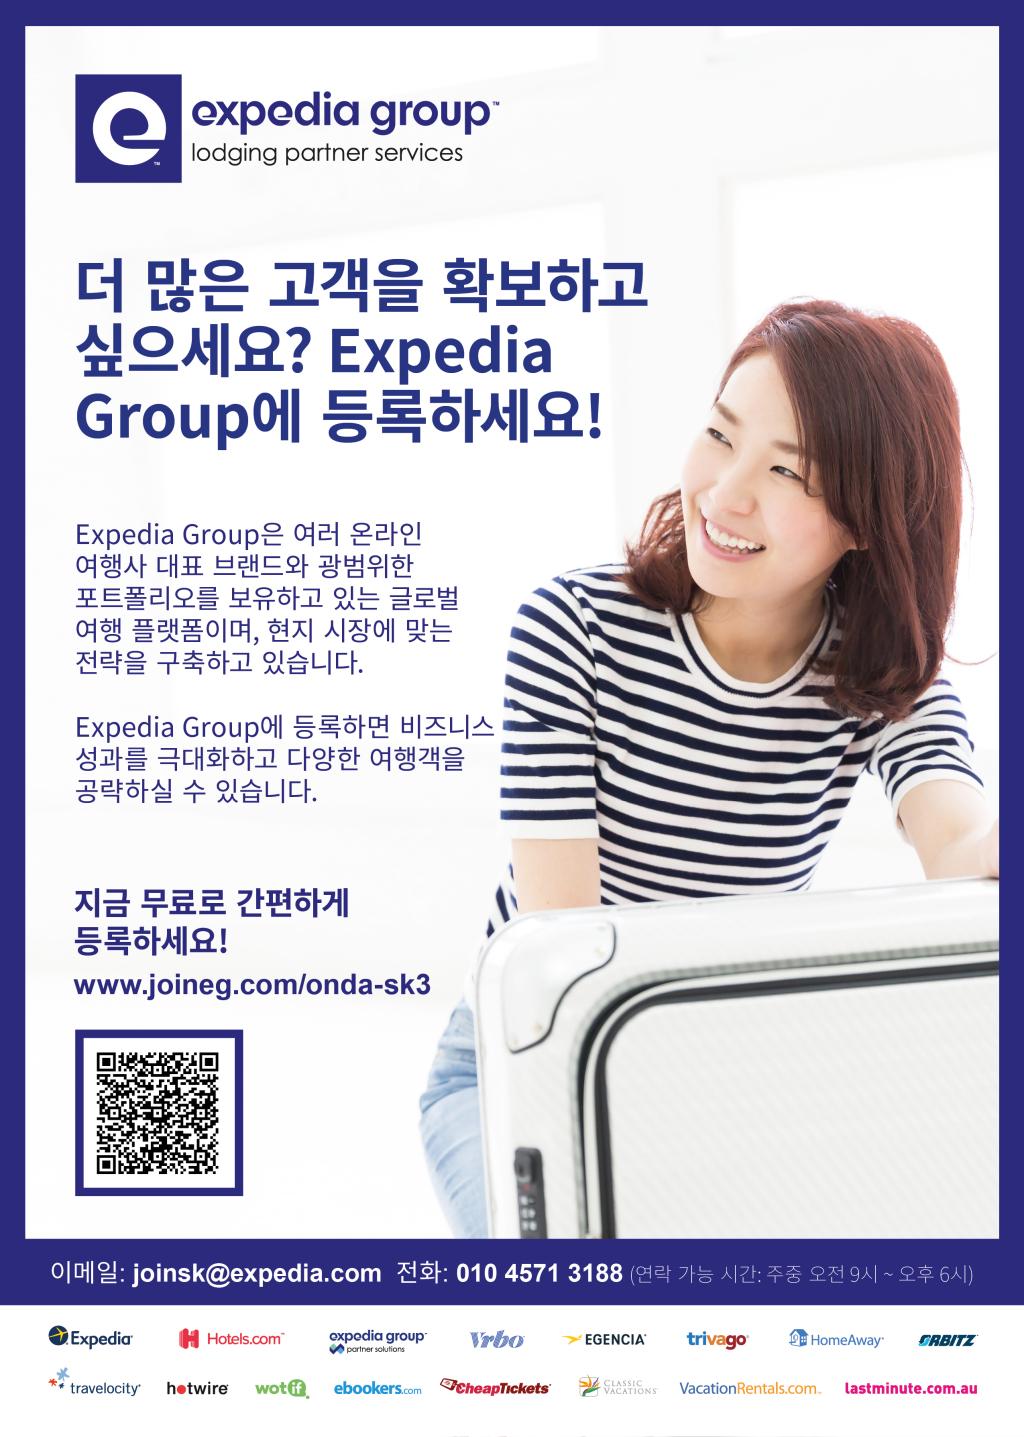 KR_Korea ONDA-3_00